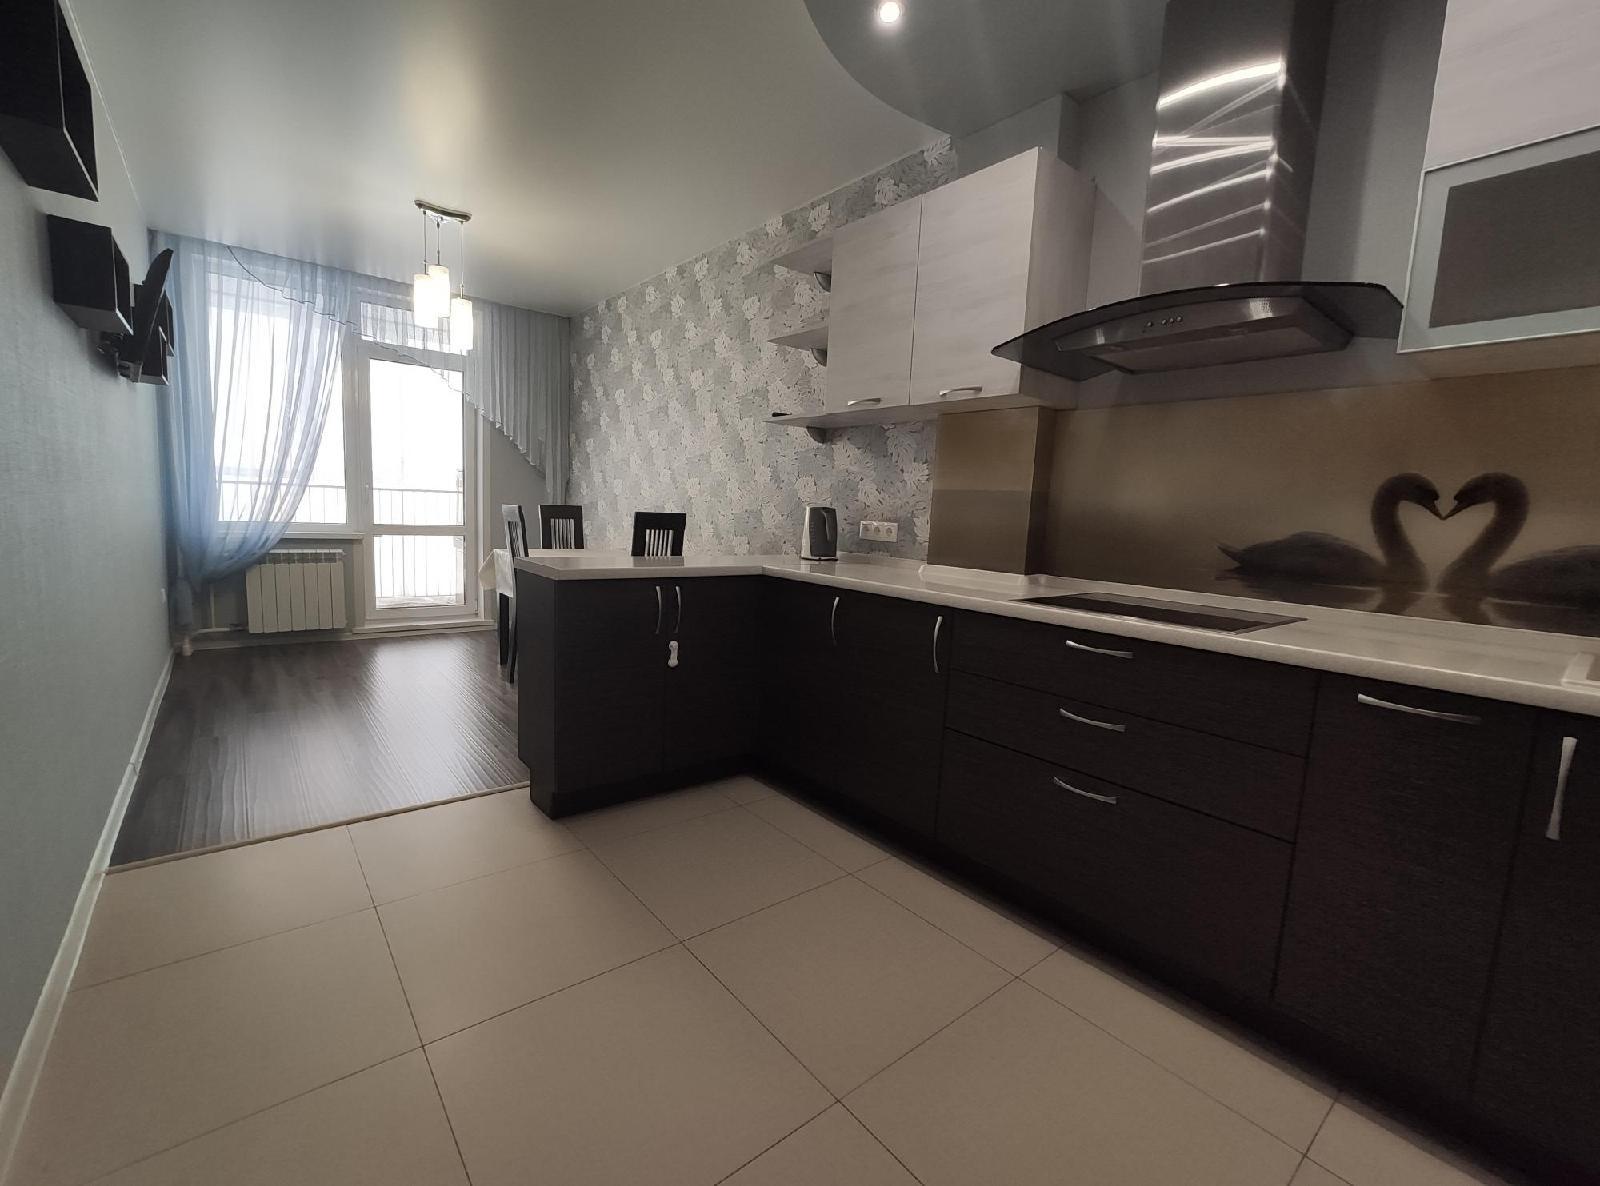 2к квартира улица Академика Киренского, 24 | 30000 | аренда в Красноярске фото 4